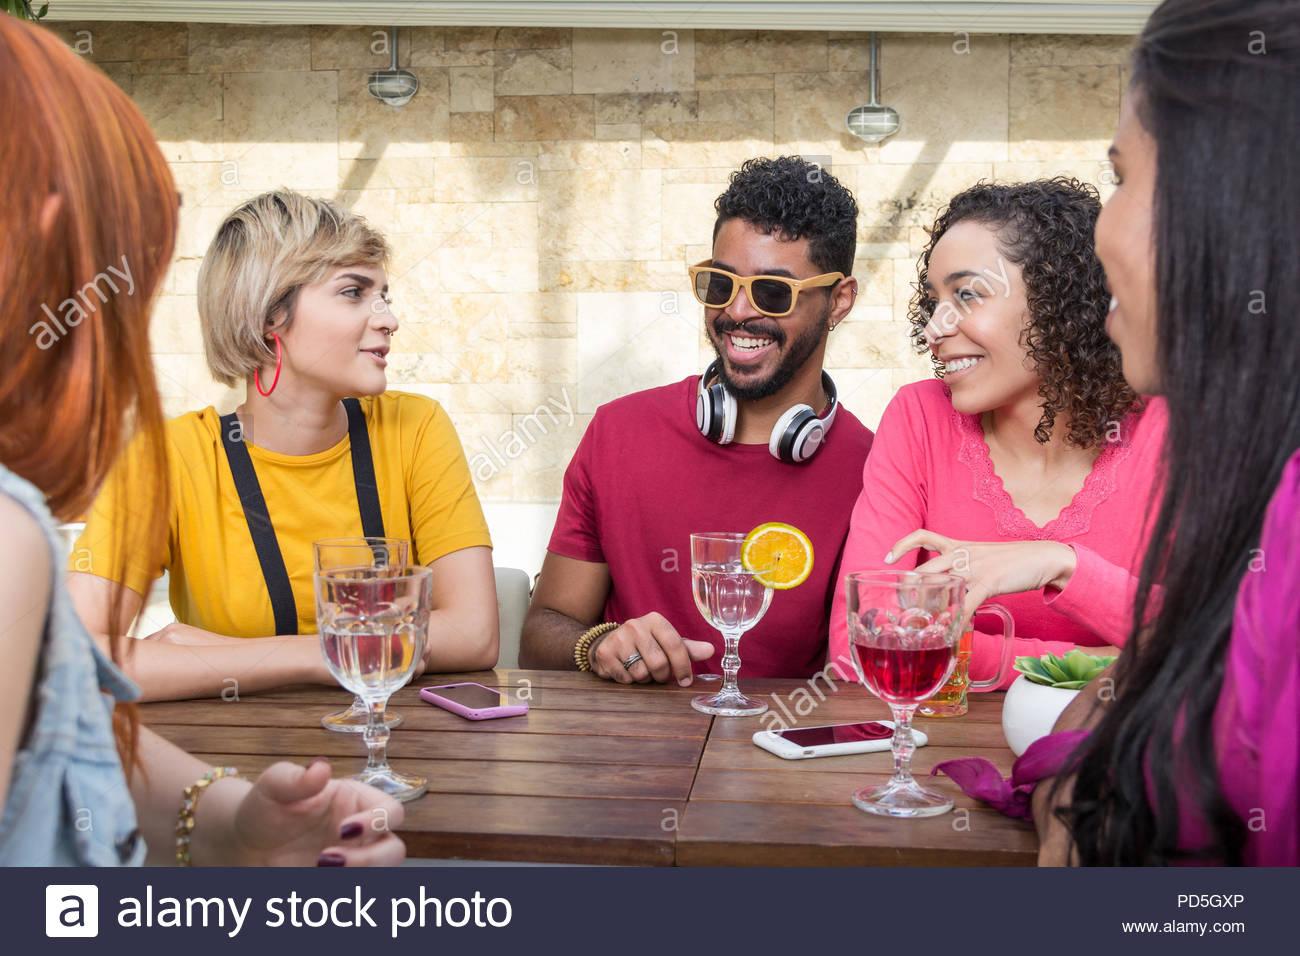 Groupe de jeunes sortir, s'amuser au restaurant à l'extérieur. Les étudiants faisaient la fête ensemble au cafe bar piscine. Printemps, chaude, togethernes Photo Stock